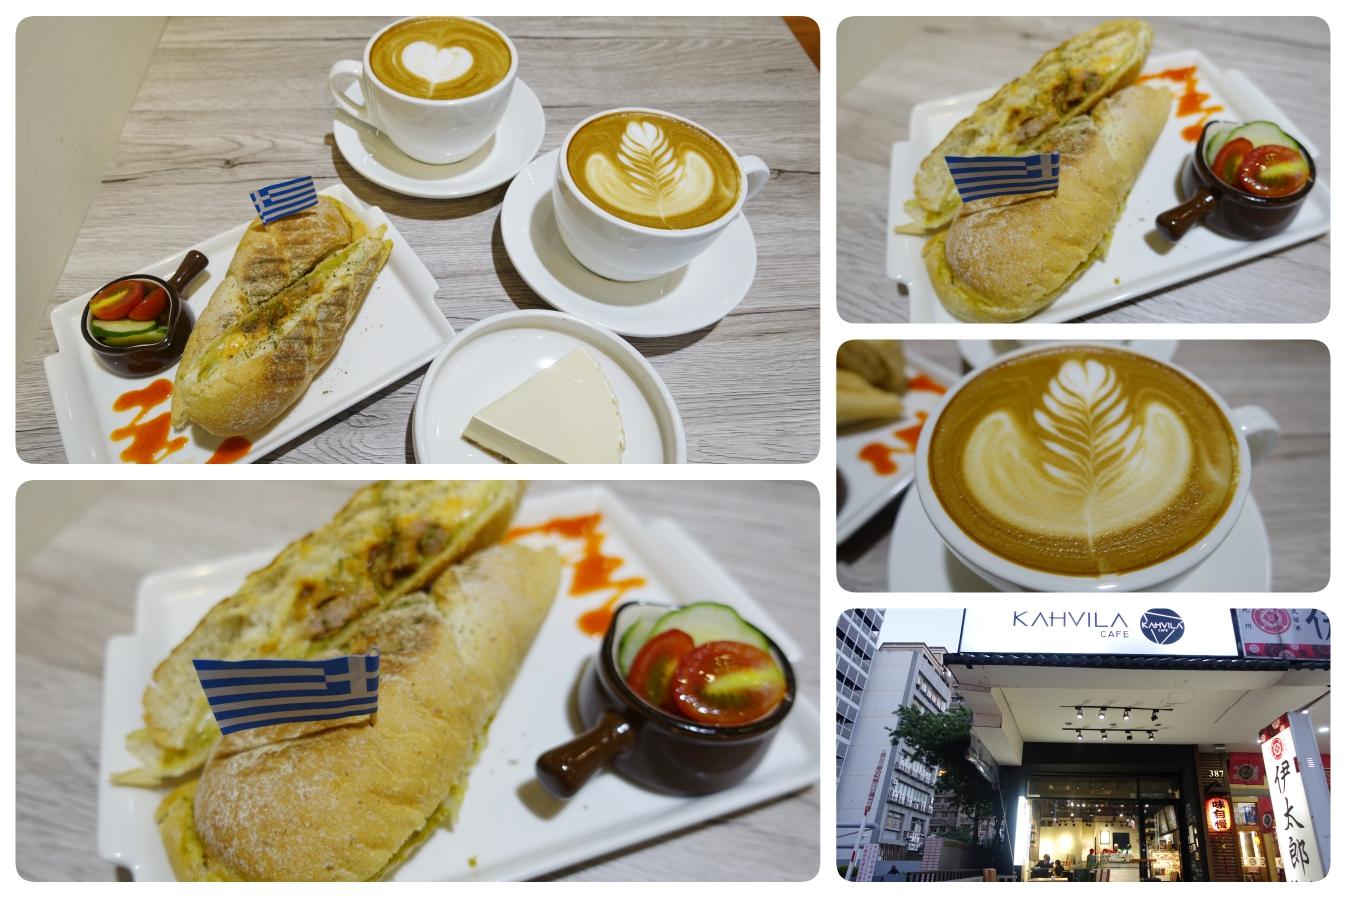 [桃園美食]中正藝文特區附近平價咖啡館『Kahvila cafe』~美美的咖啡拉花(關門大吉) @VIVIYU小世界